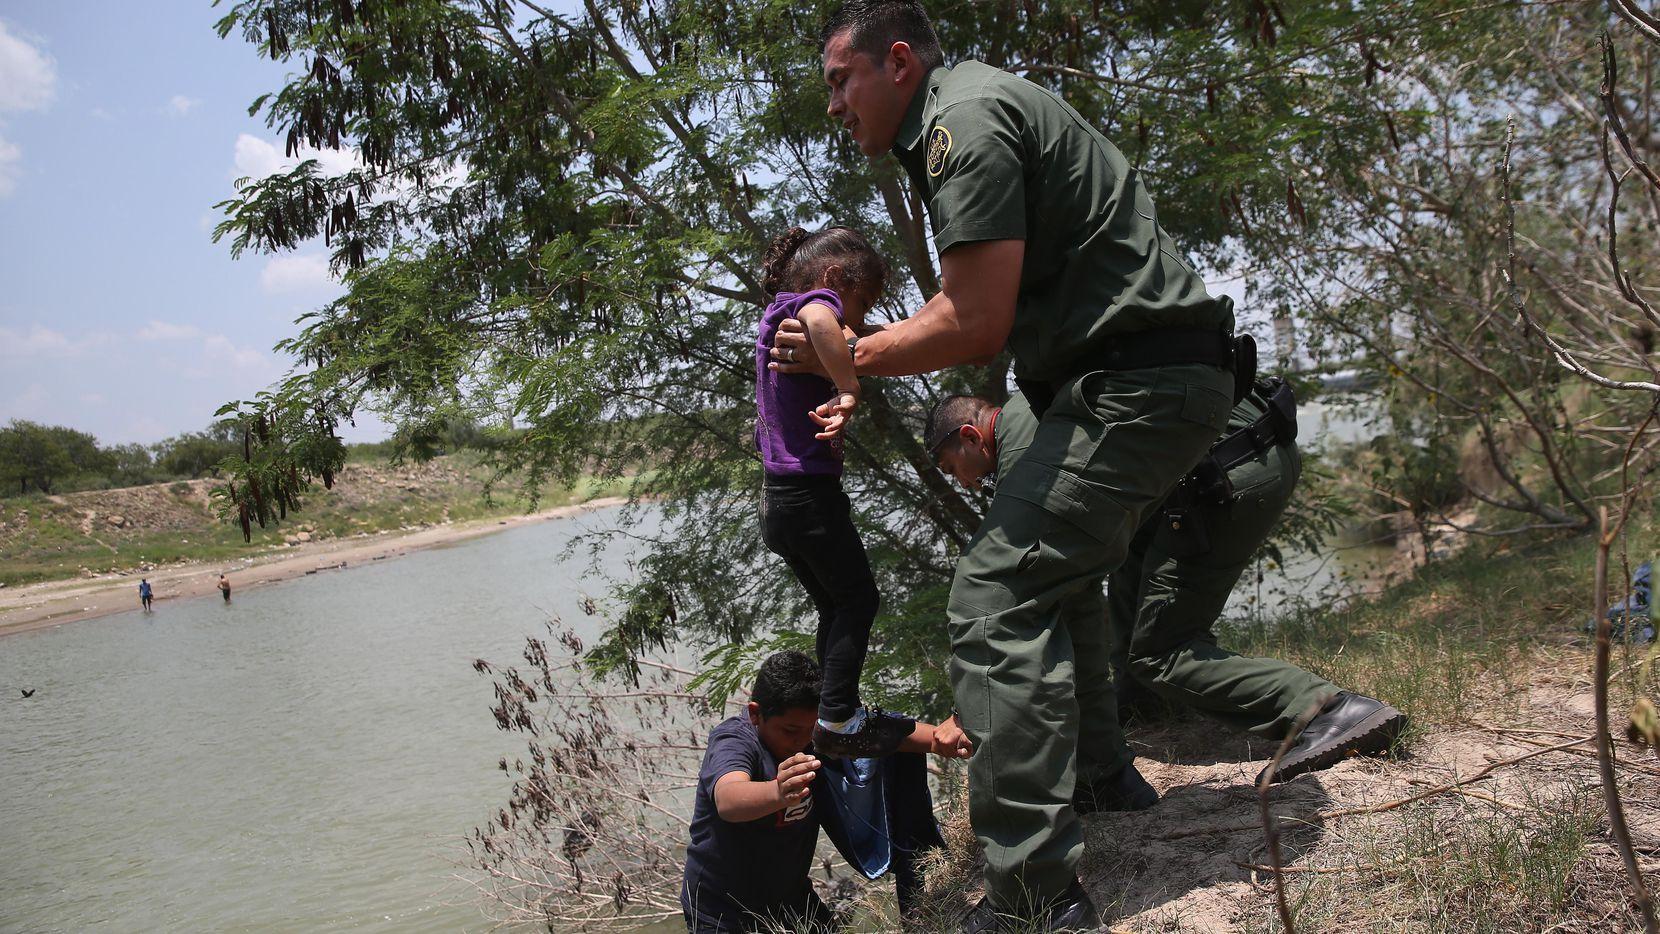 Un agente de la Patrulla Fronteriza ayuda a migrantes de El Salvador a salir del Río Grande en la zona del sur de Texas. (GETTY IMAGES/JOHN MOORE)